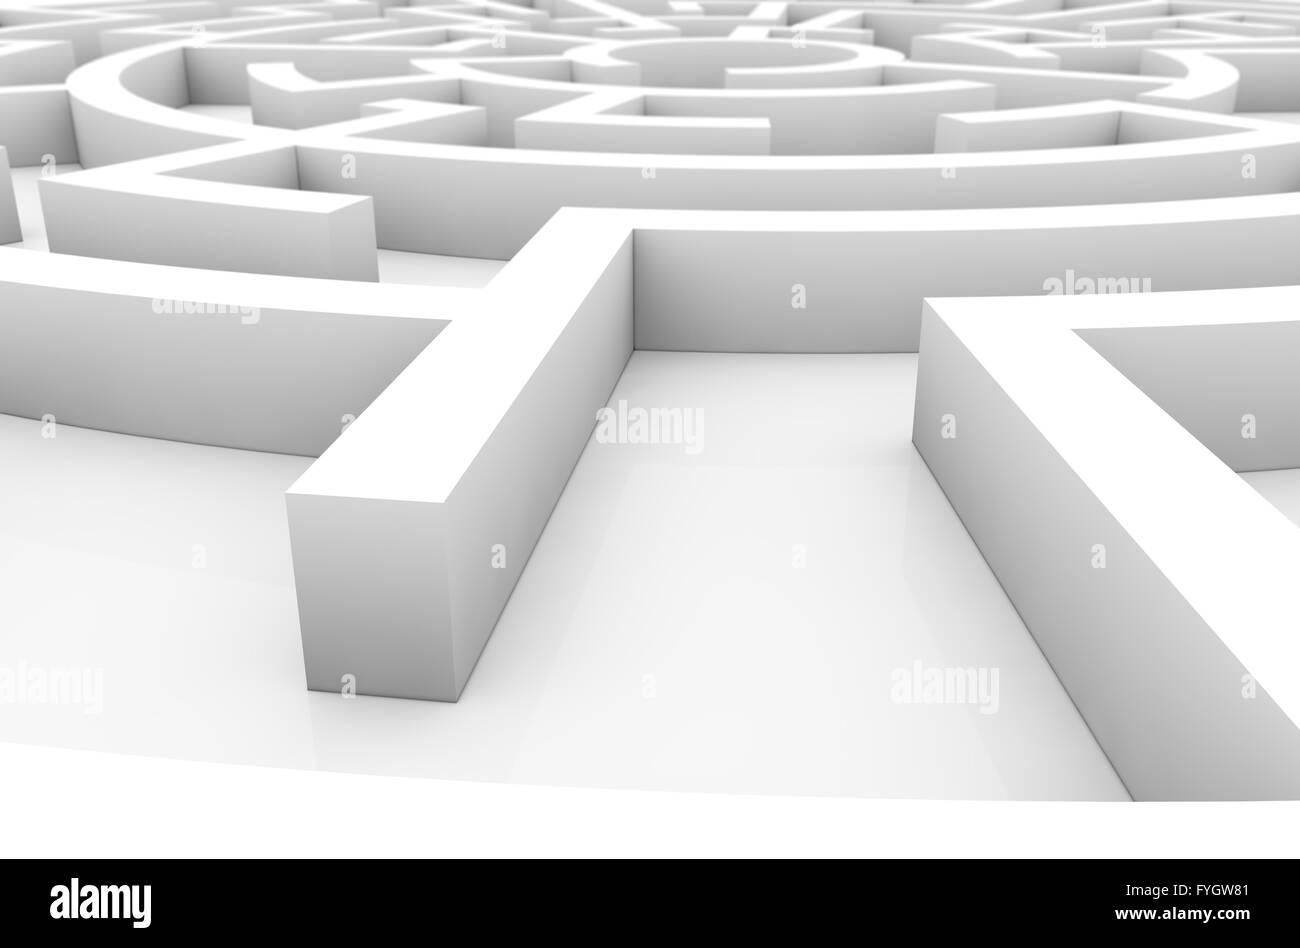 Il concetto di strategia: labirinto render Immagini Stock